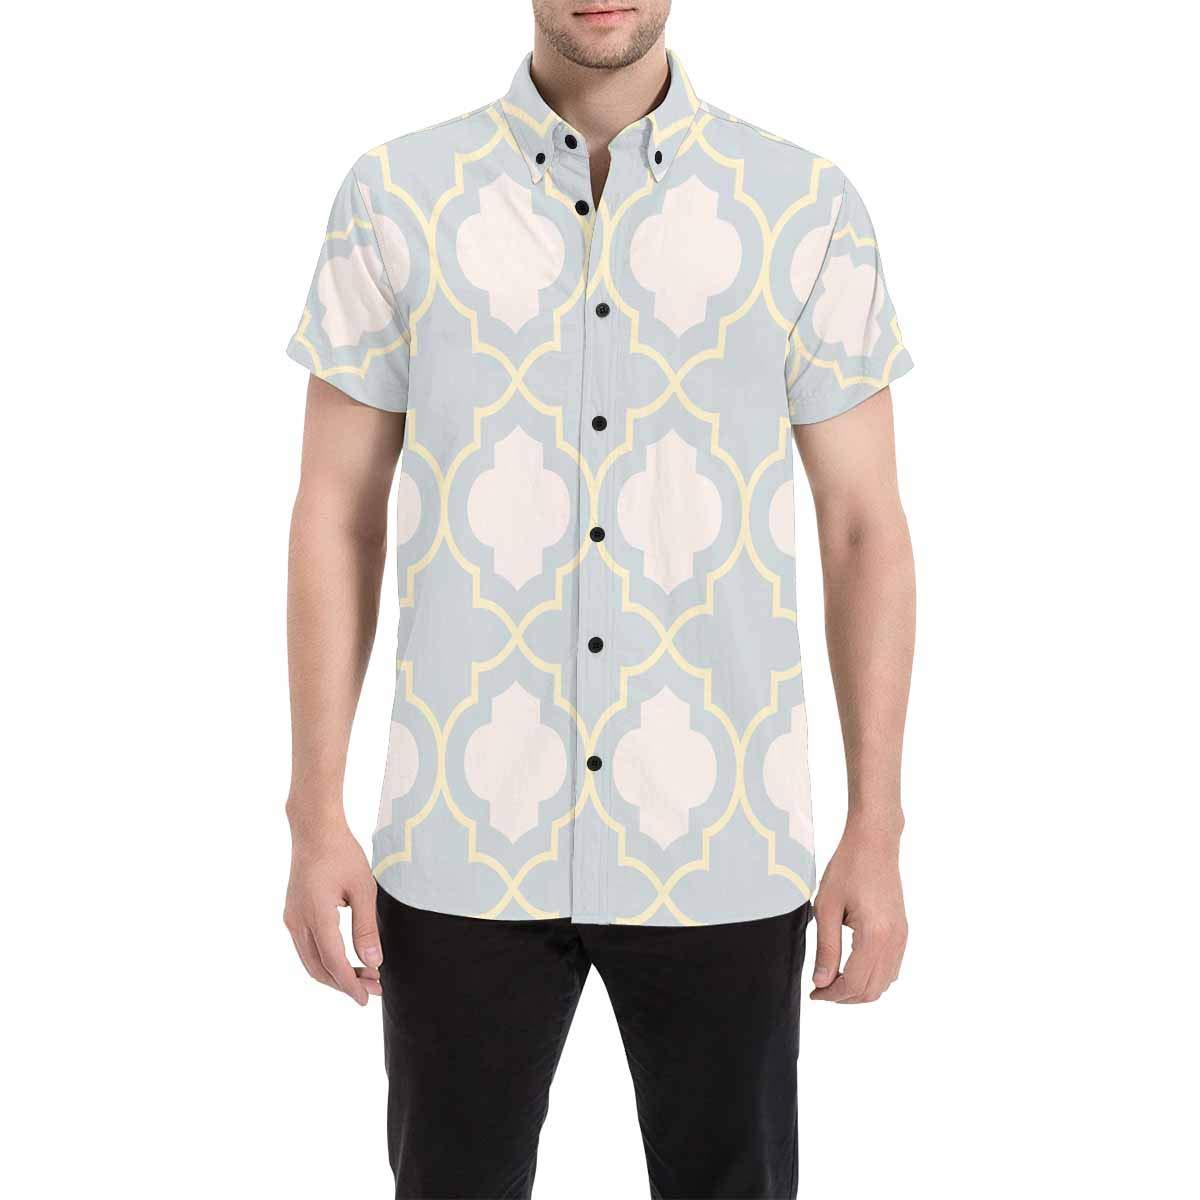 InterestPrint Men Casual Loose Fit Golden Stars Clover Button Down Shirts Short Sleeve Tops S-5XL